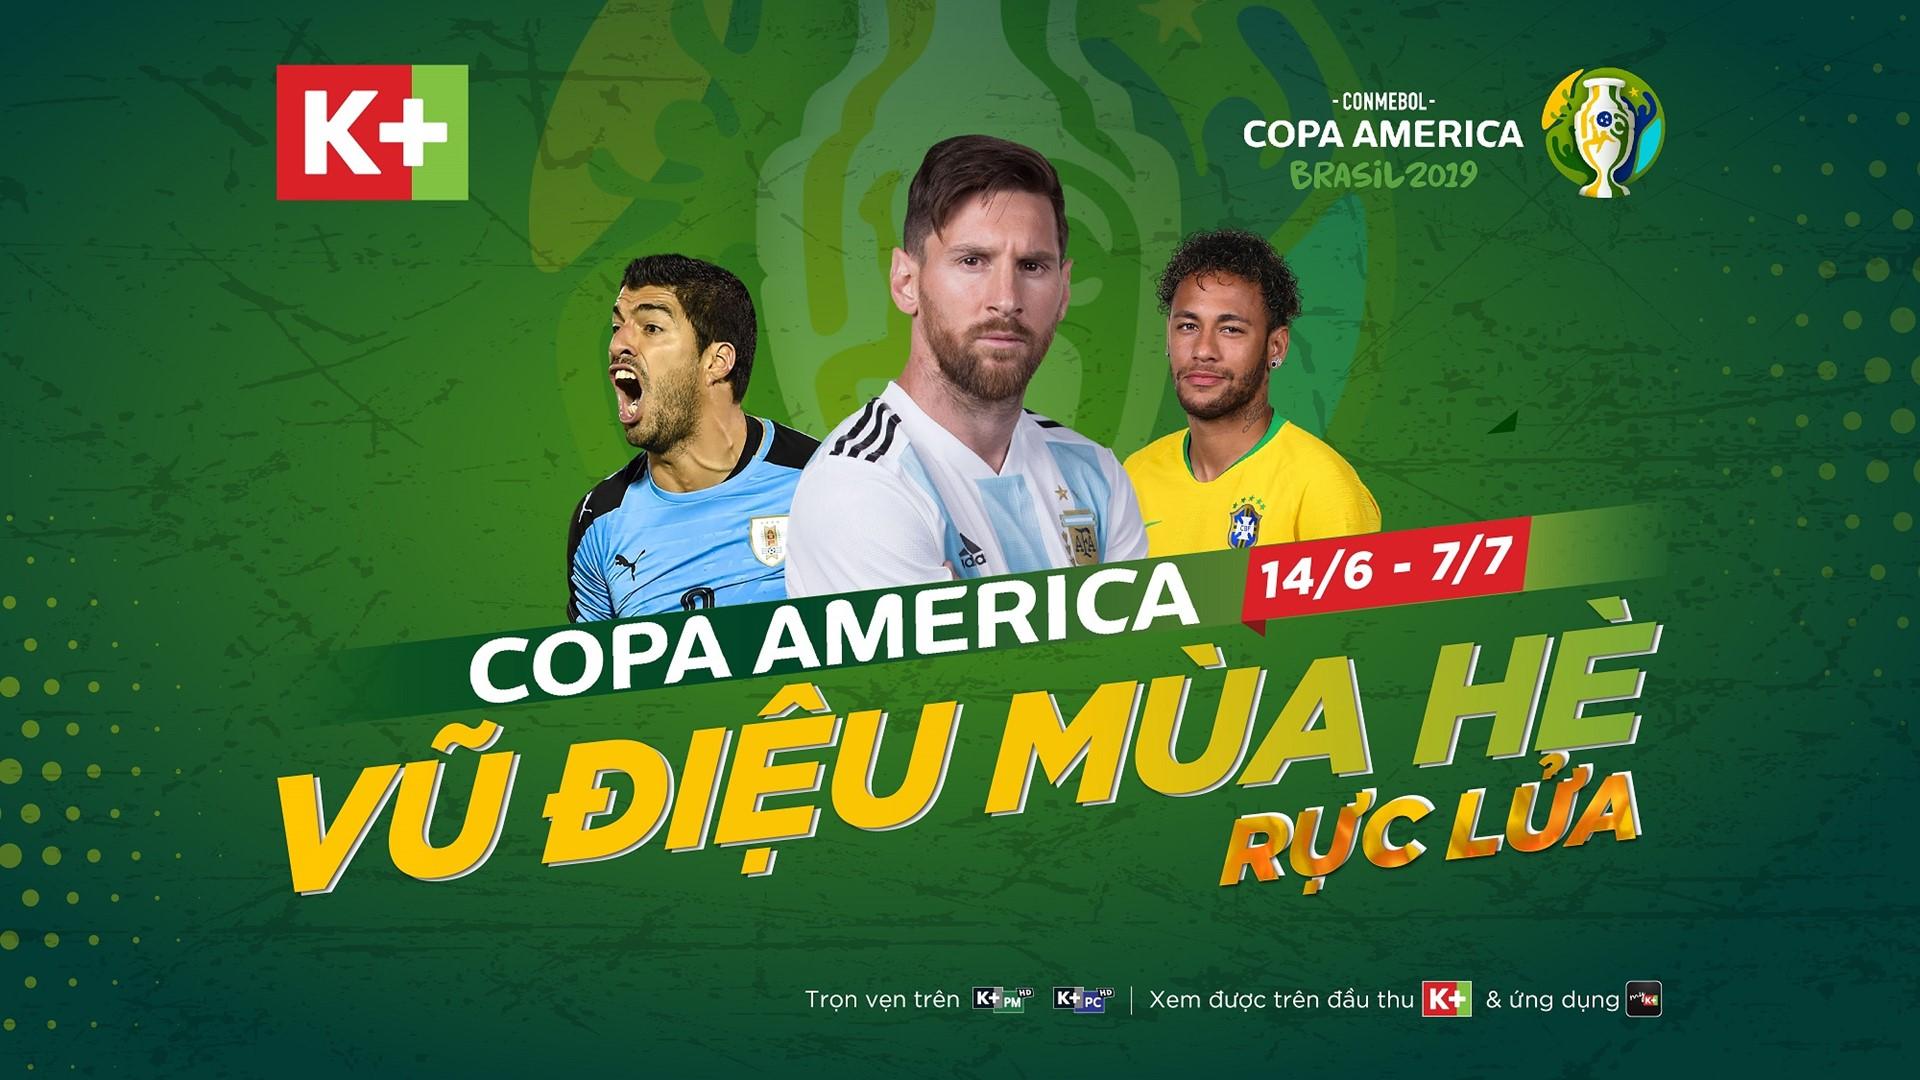 Lắp đặt K+ tháng 6 xem ngay Copa America 2019